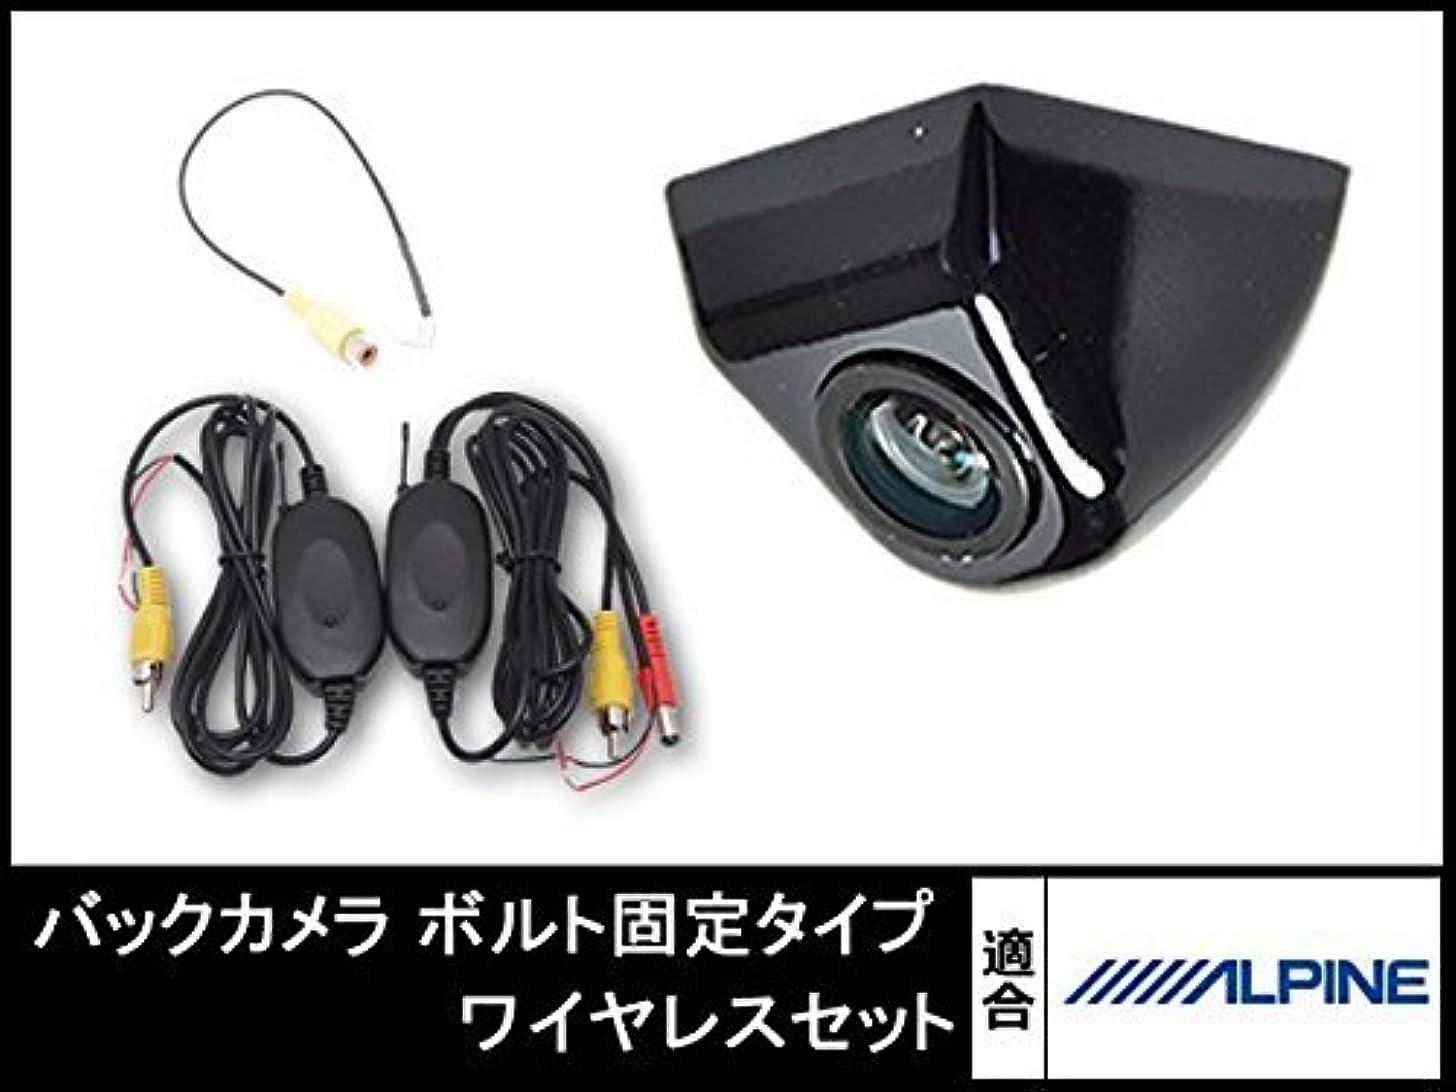 デクリメント一流どうしたのVIE-X009 対応 高画質 バックカメラ ボルト固定タイプ ブラック 車載用 広角170° 超高精細 CMOS センサー 【ワイヤレスキット付】